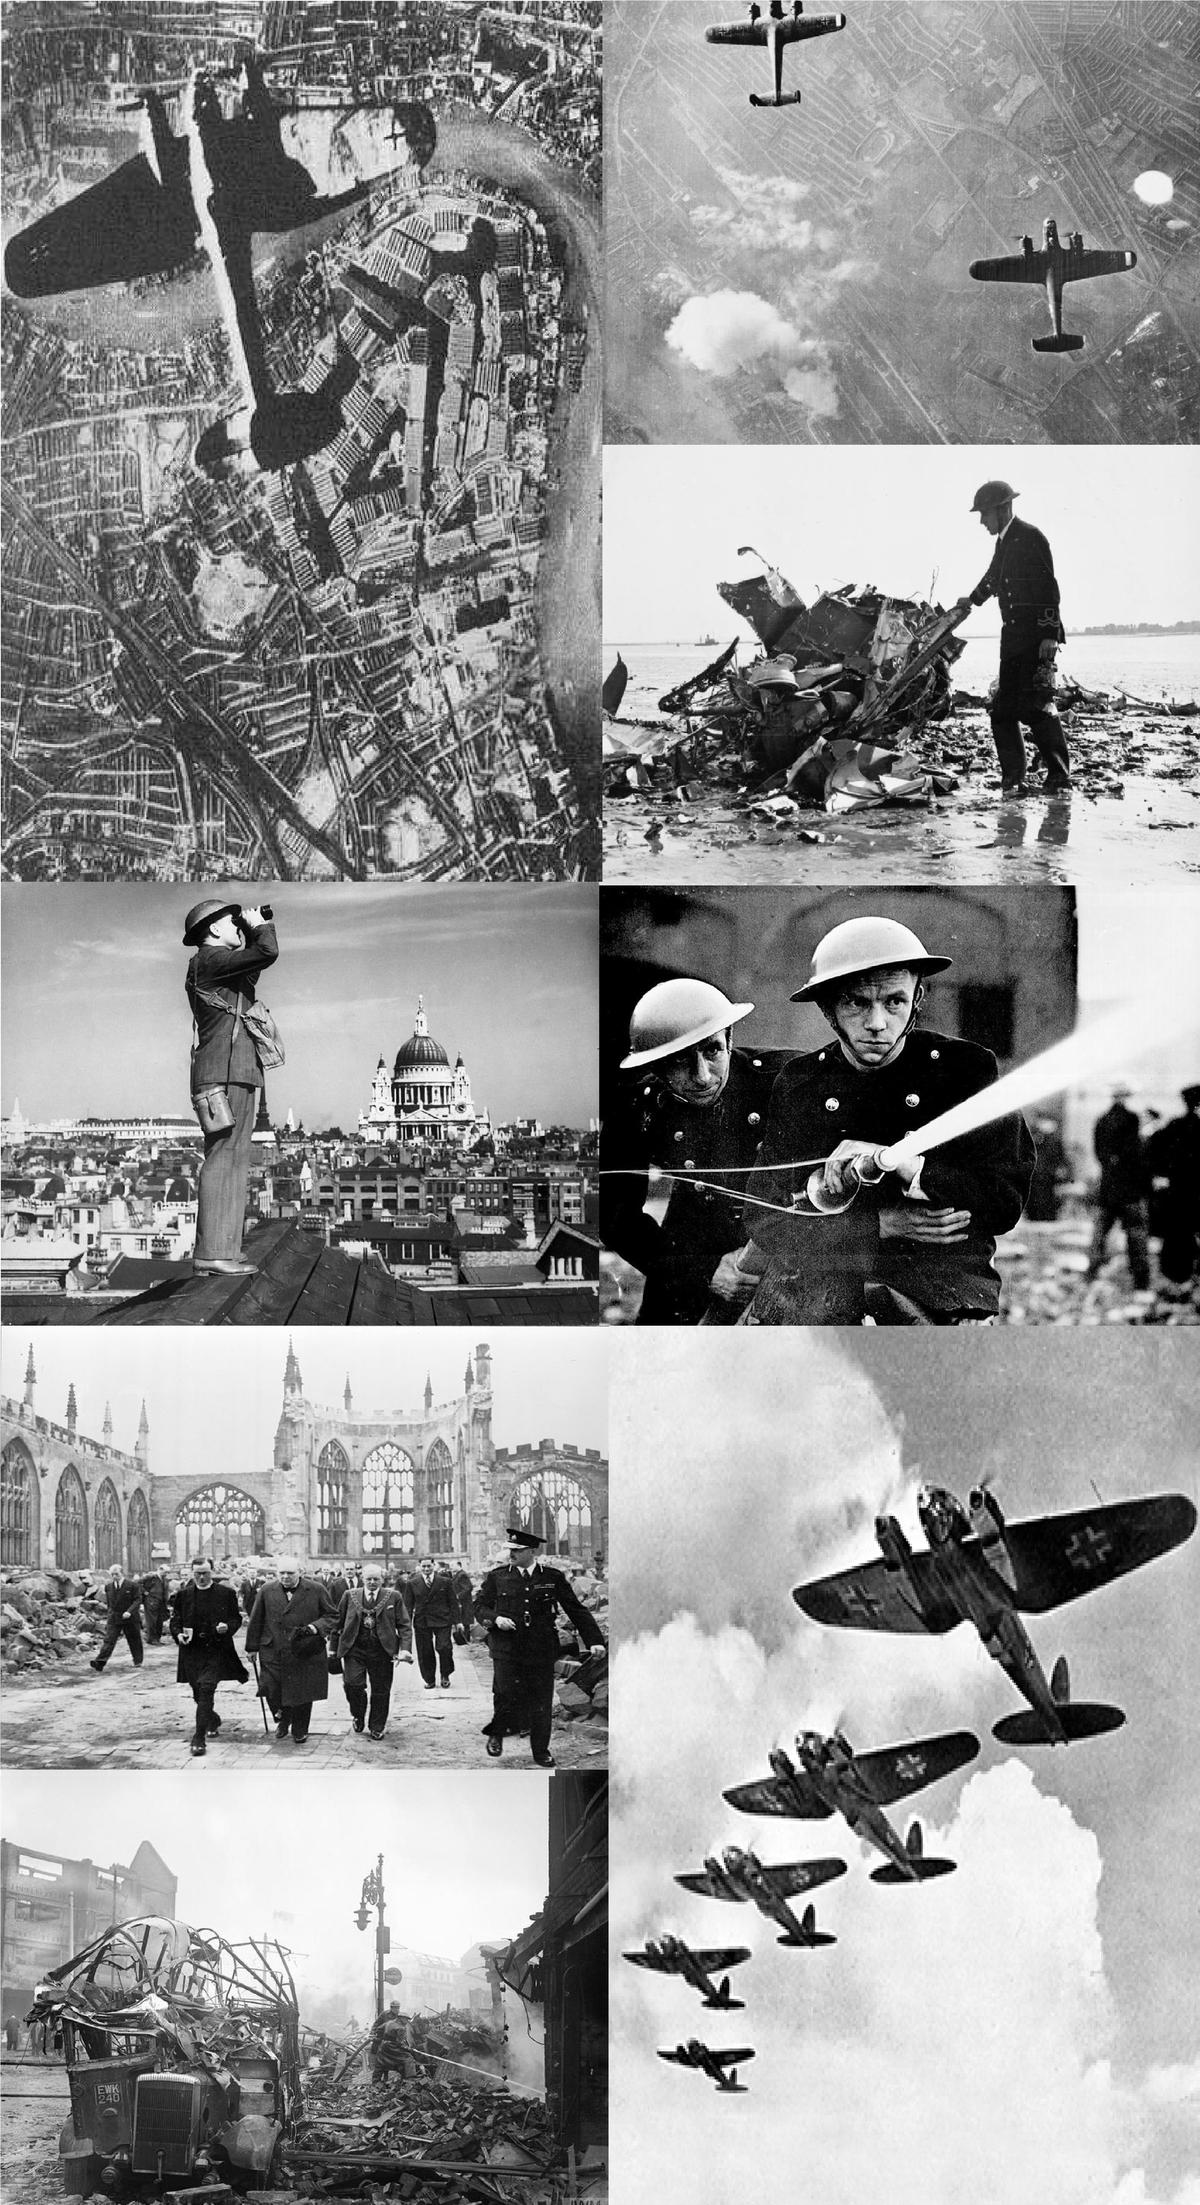 Battle of Britain - Wikidata